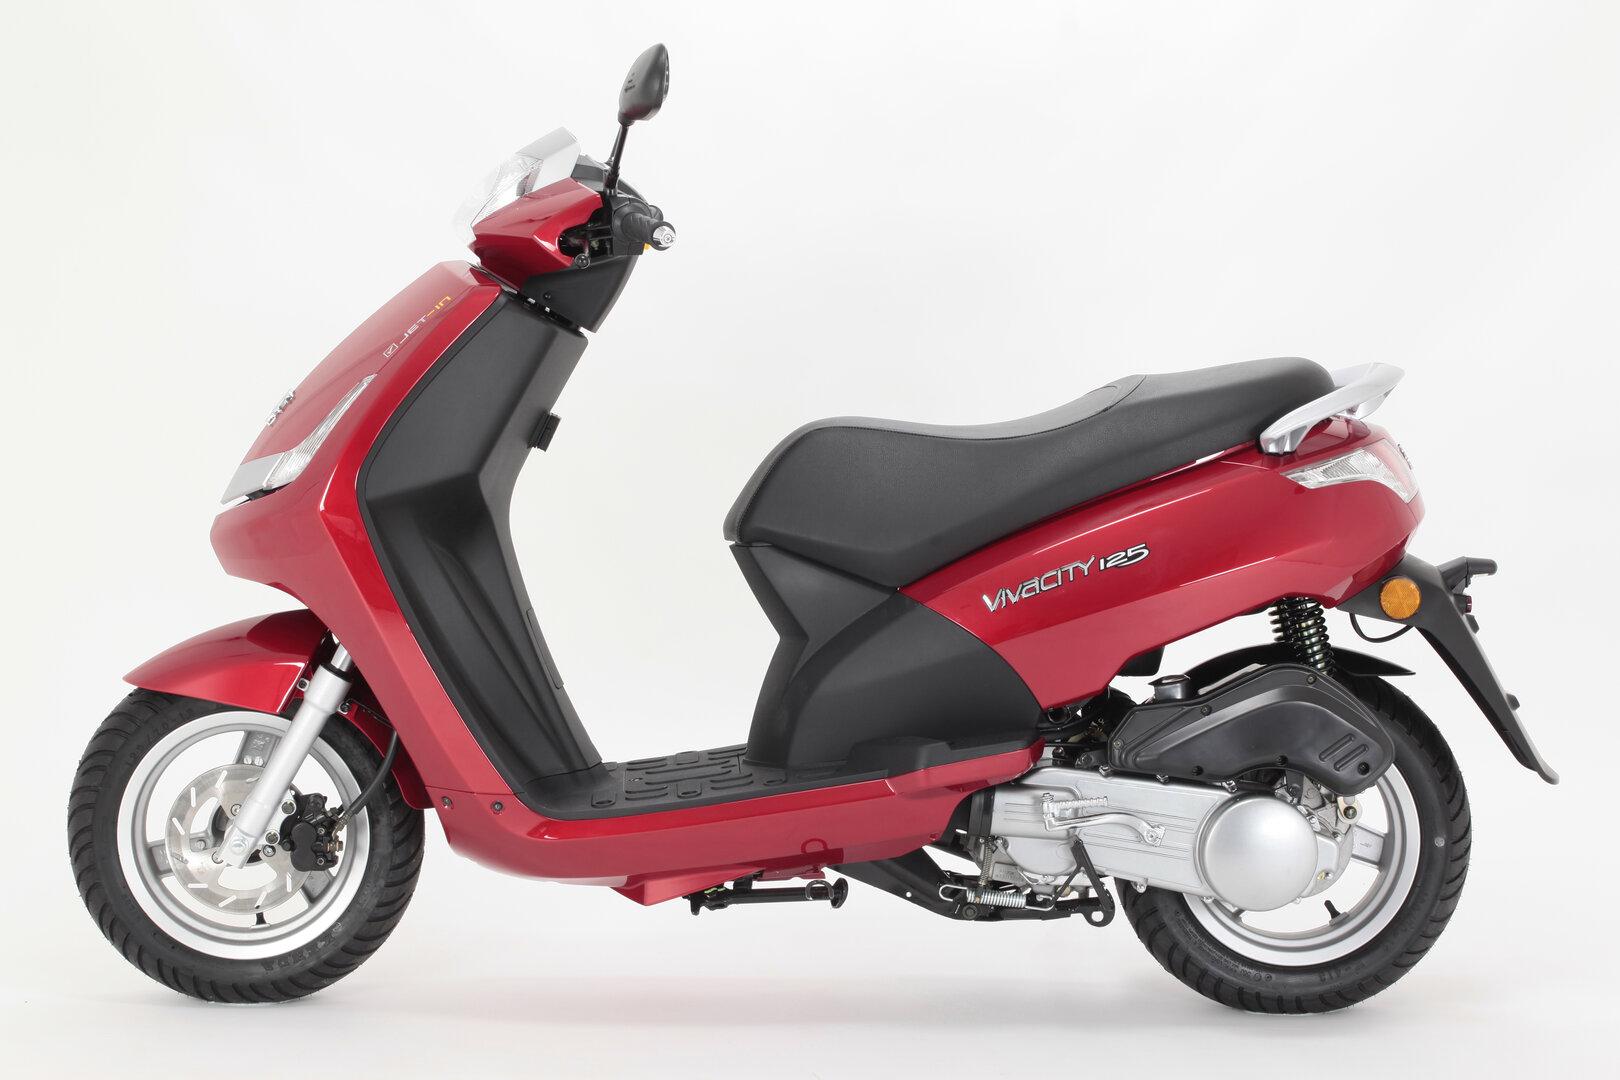 Moto del día: Peugeot Vivacity 125